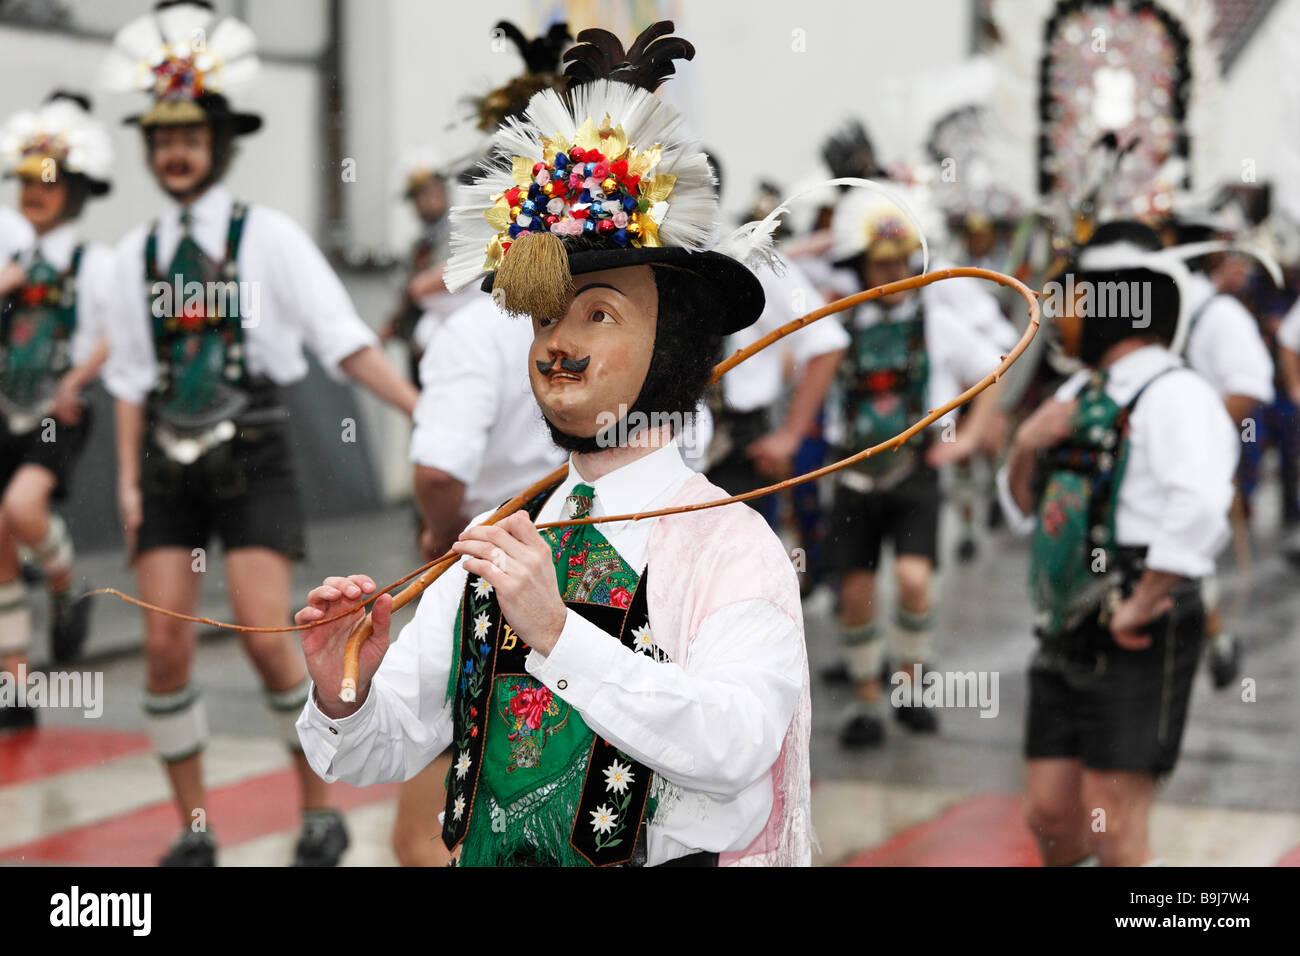 Mullerlaufen parade di Thaur, la tradizione del carnevale in Tirolo, Austria Immagini Stock